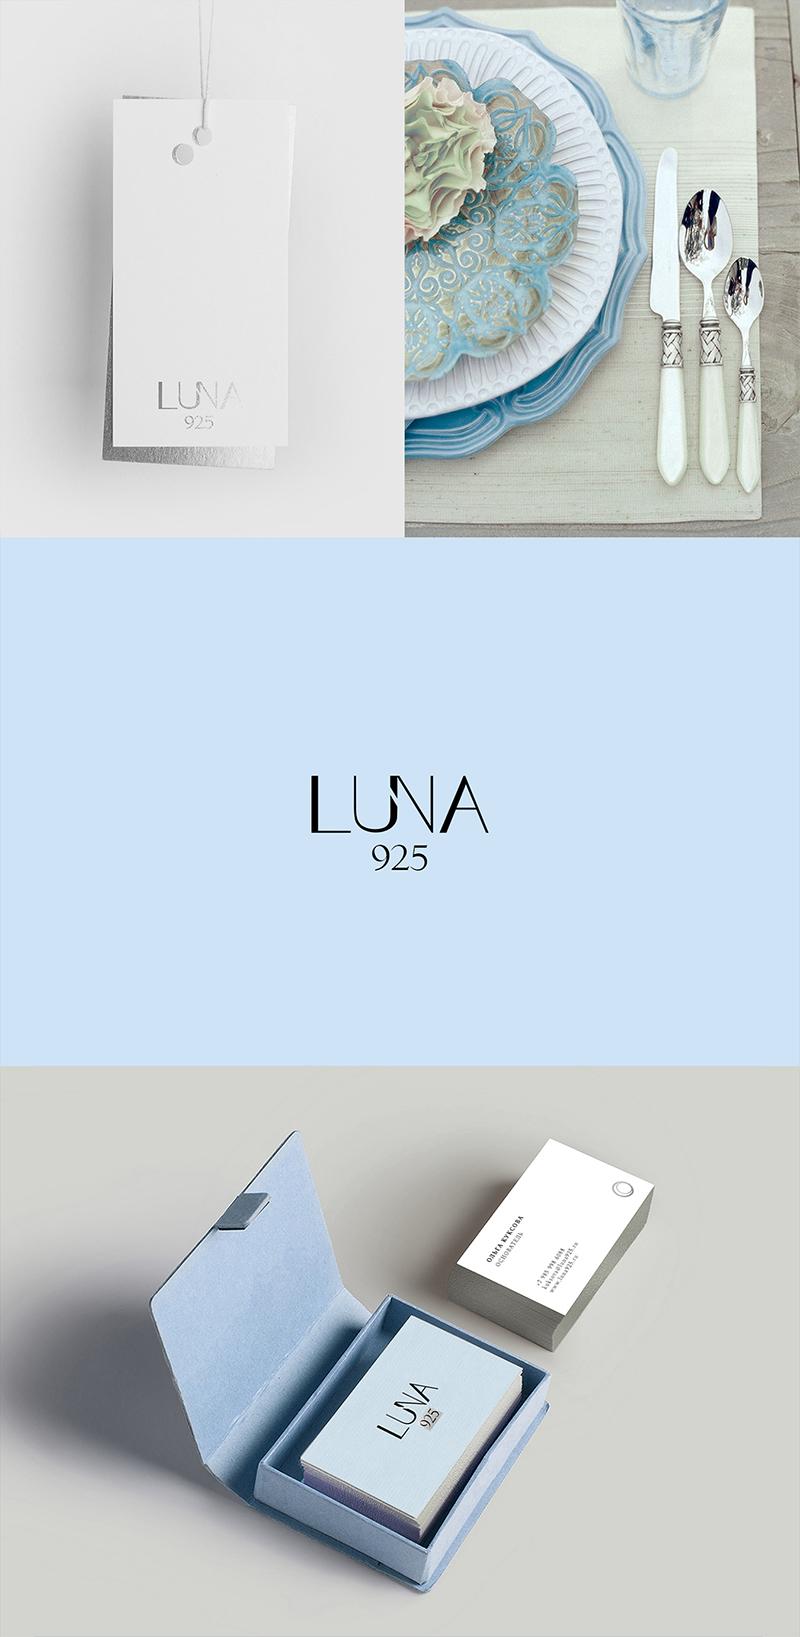 Фирменный стиль и лого для столового серебра (Конкурс – 1 место)